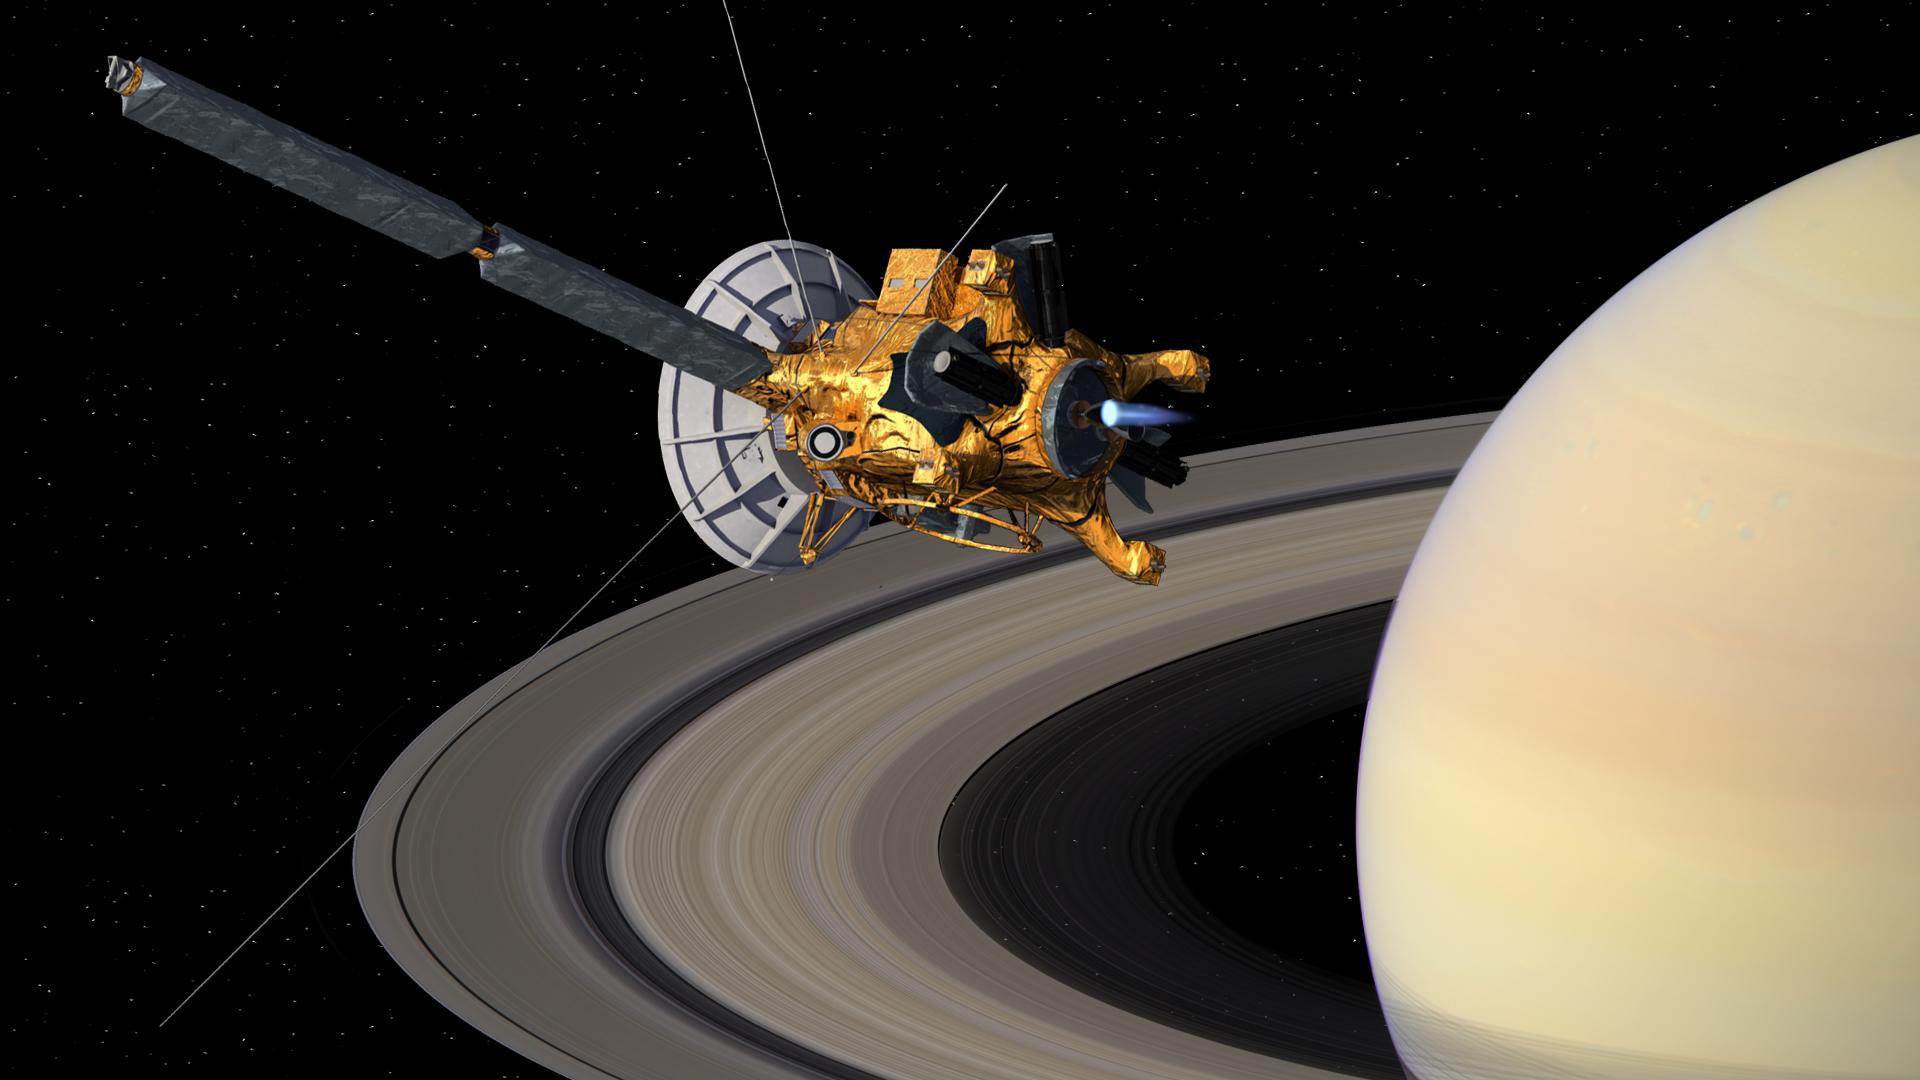 Cassini, La Misión de Saturno de la Nasa de 13 Años Ha Terminado